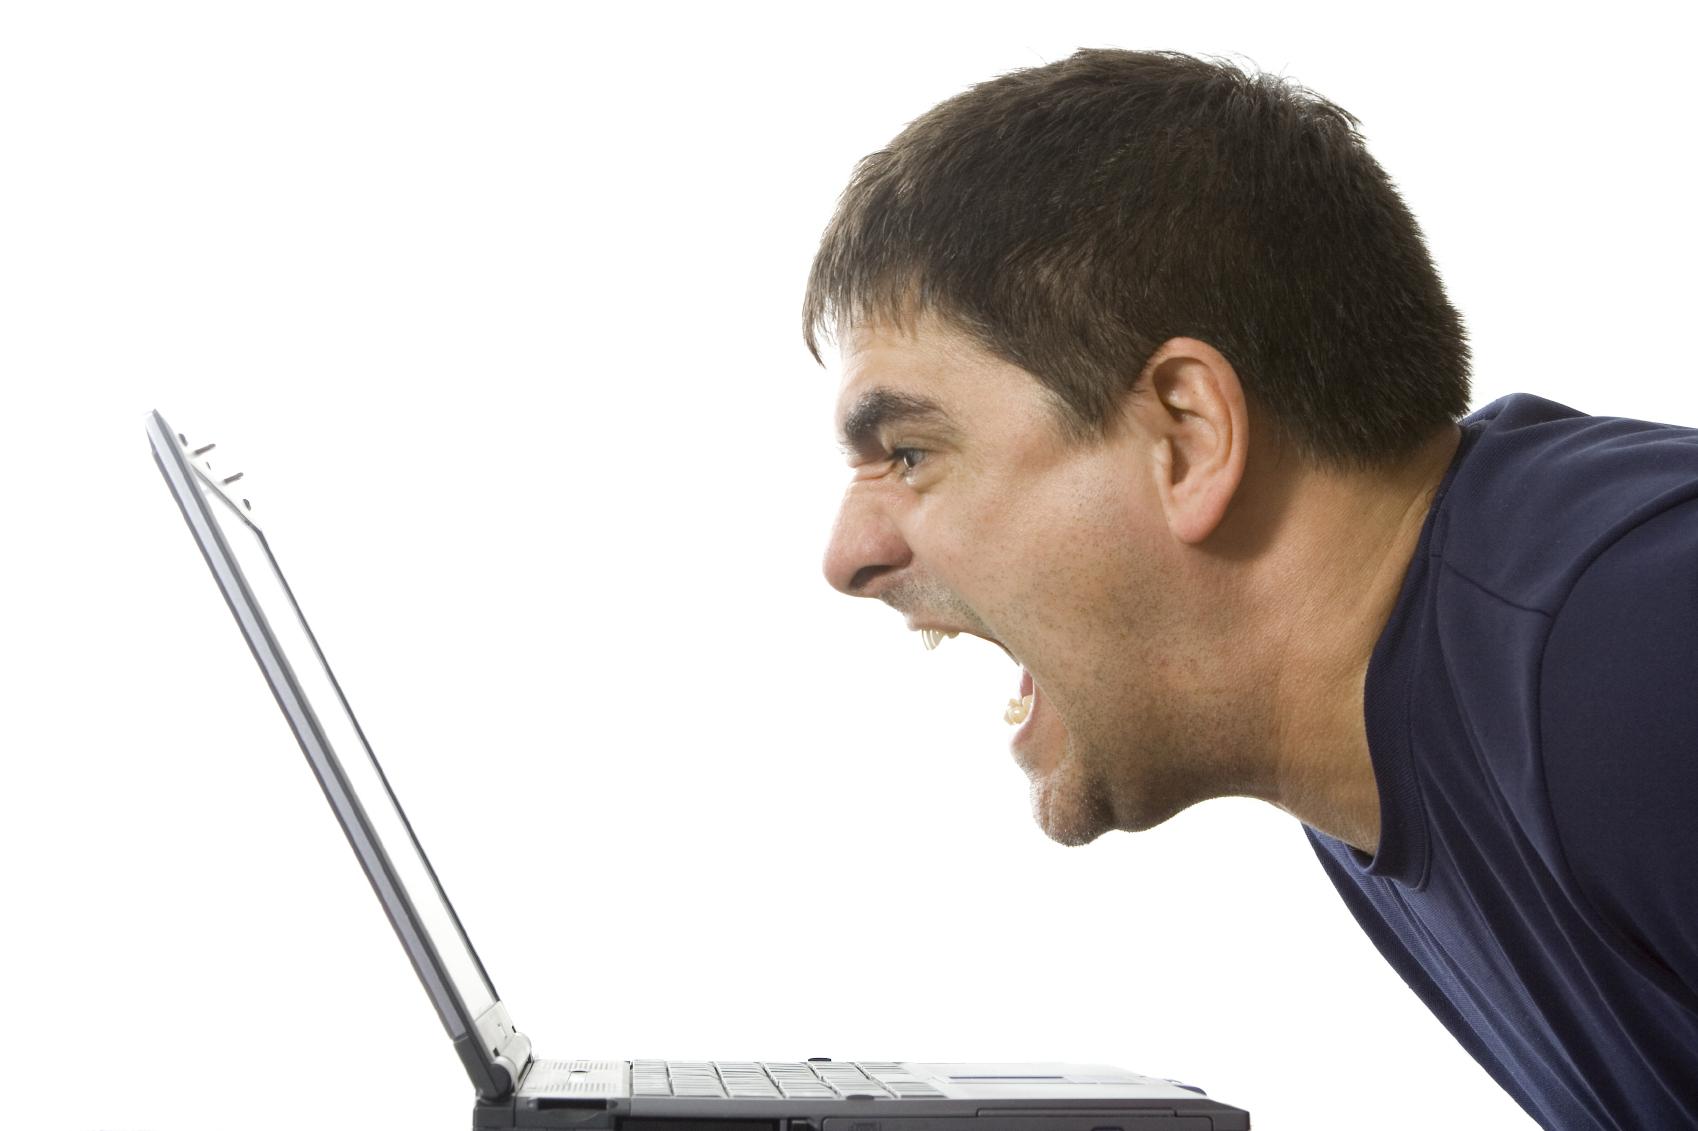 yellingatcomputer